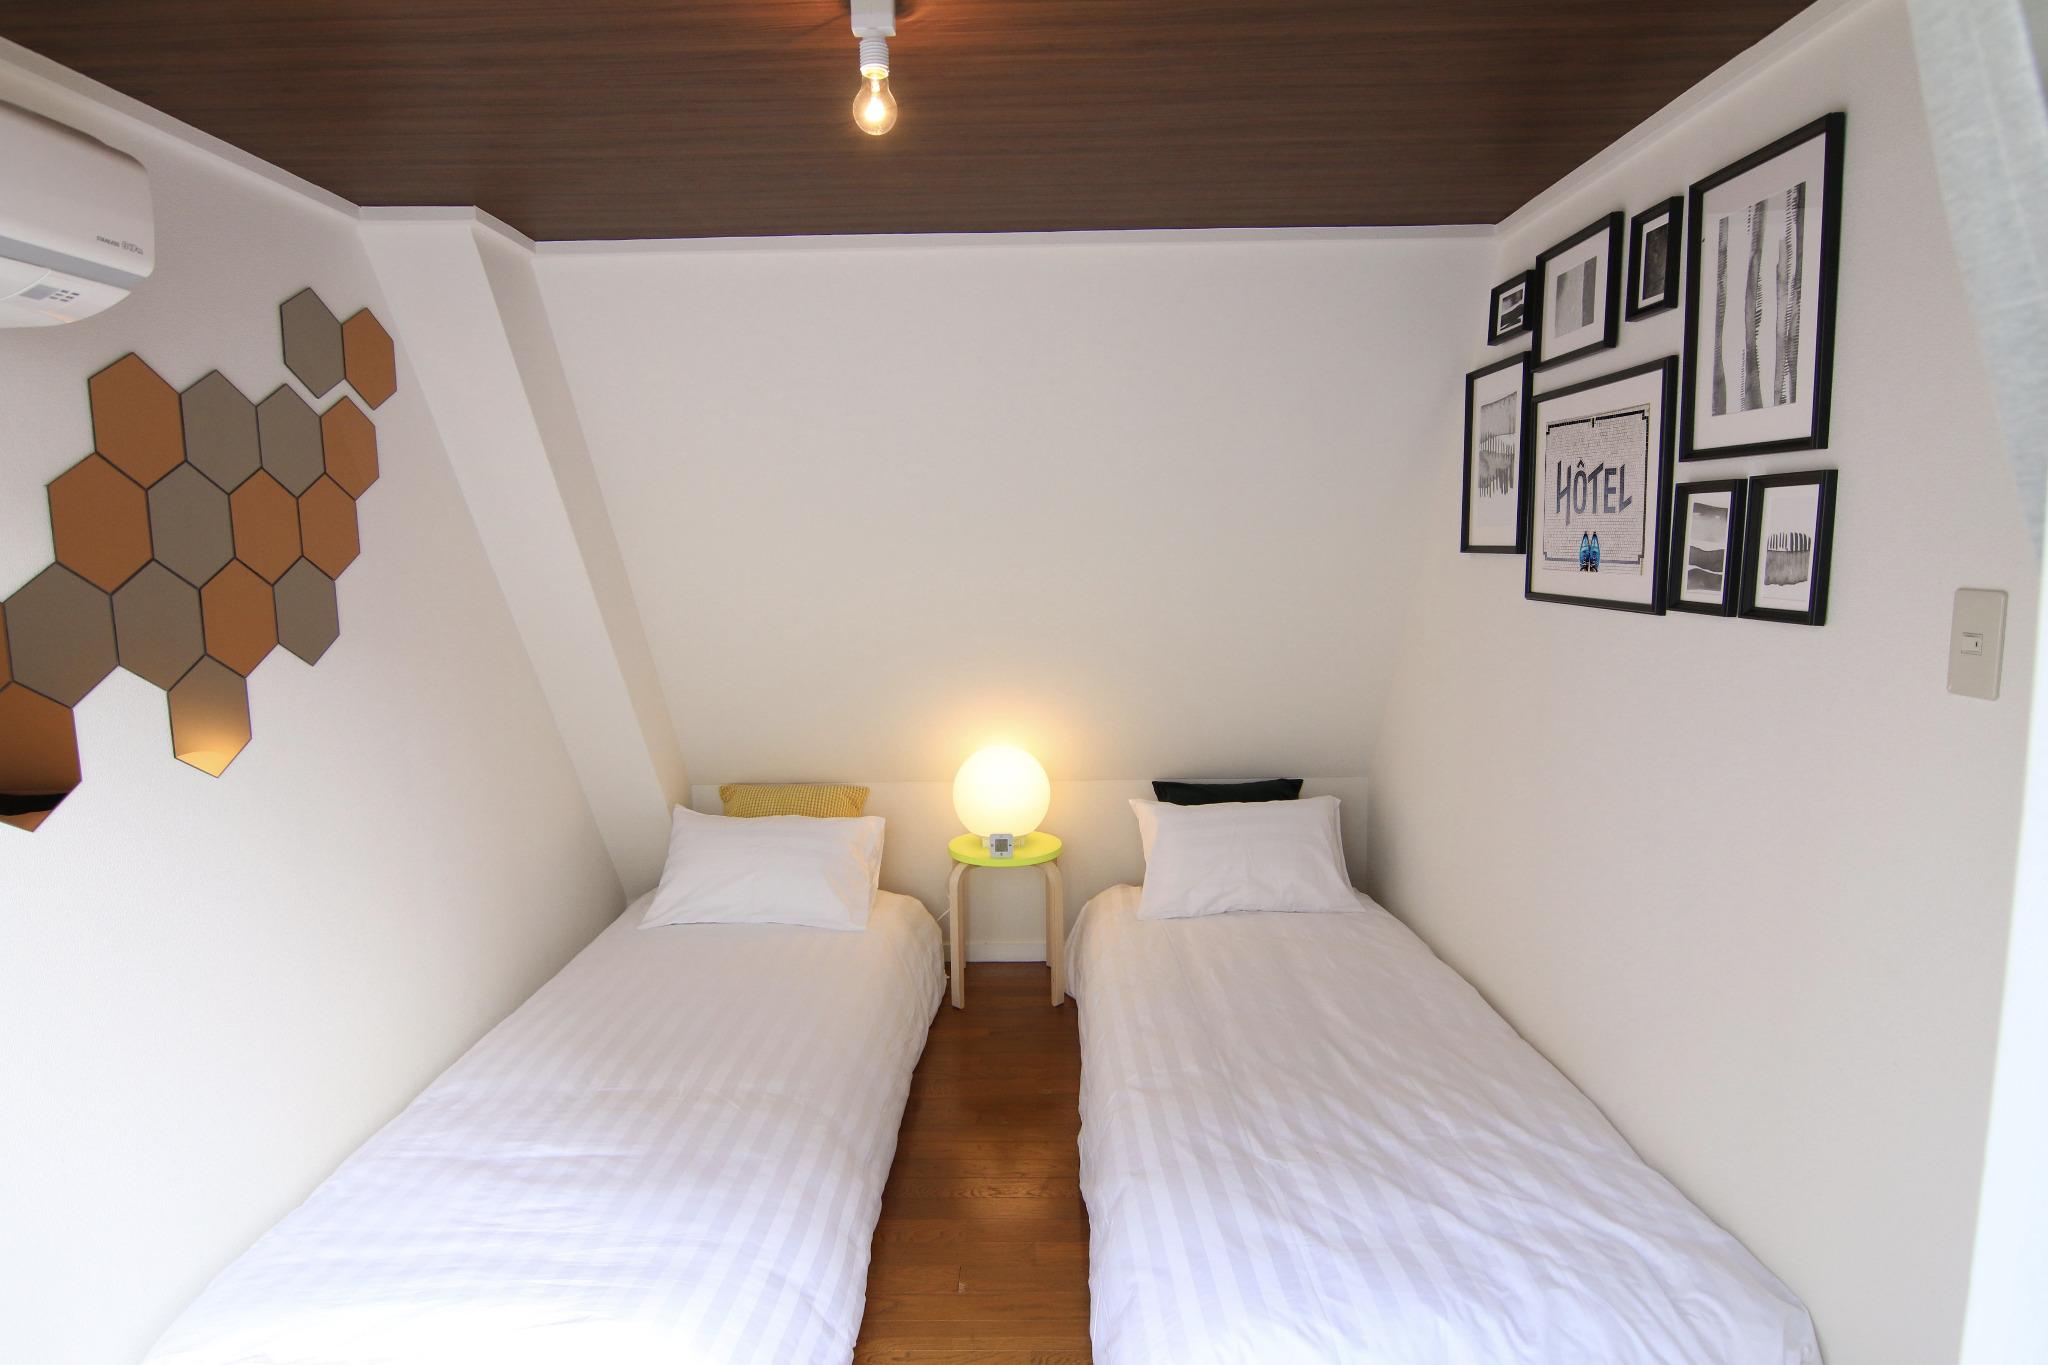 シングルベッドを2台設置した寝室です。